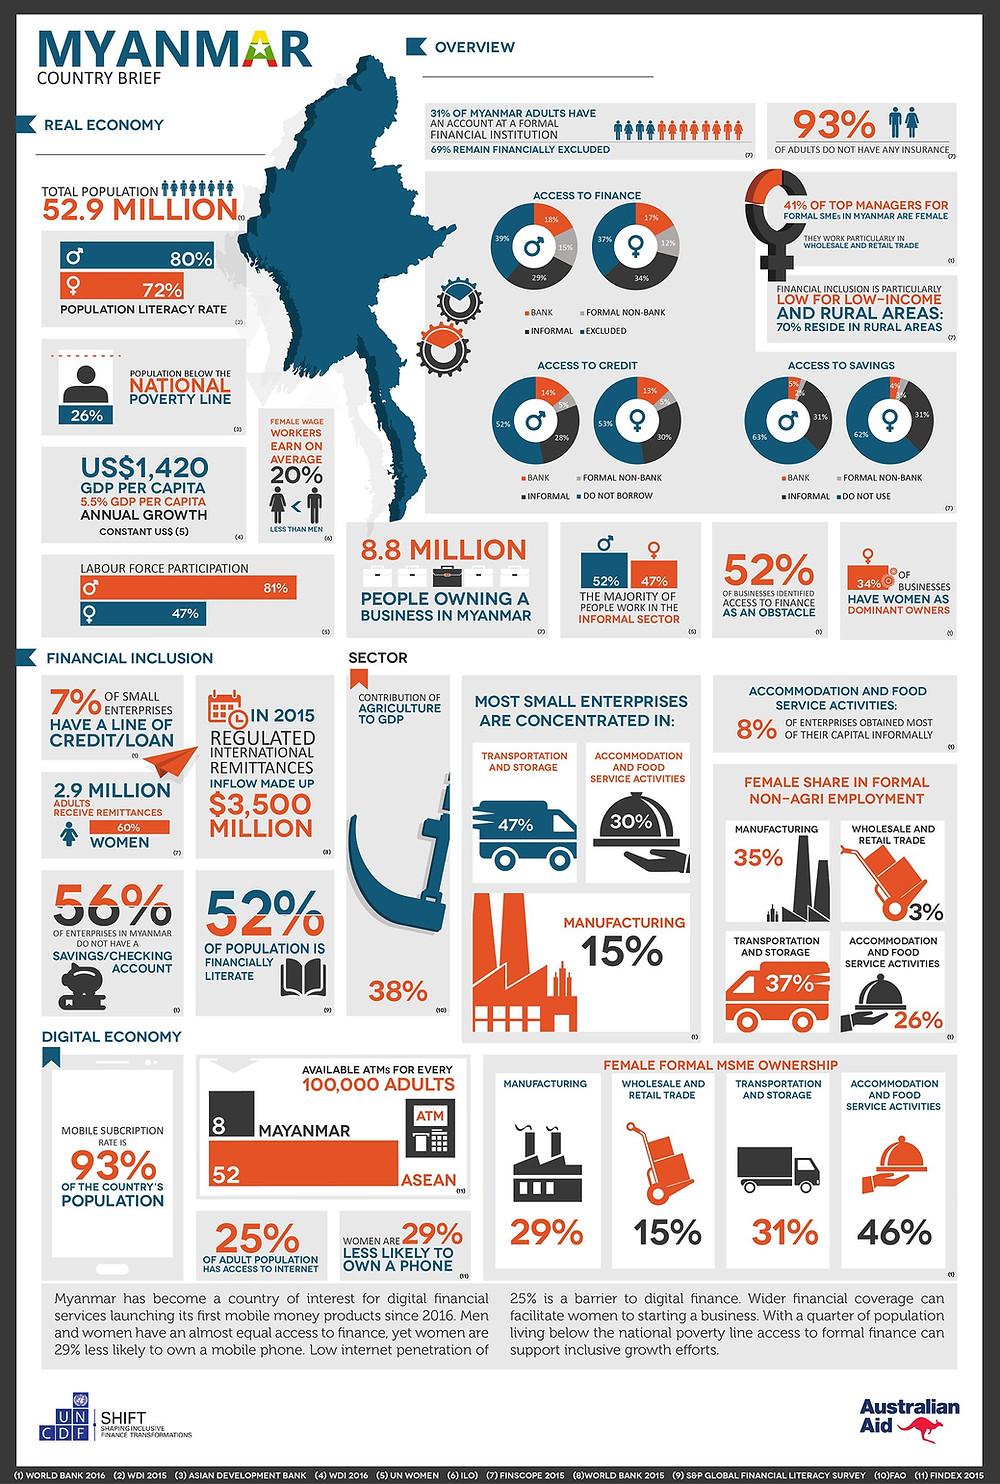 UNCDF Country Brief